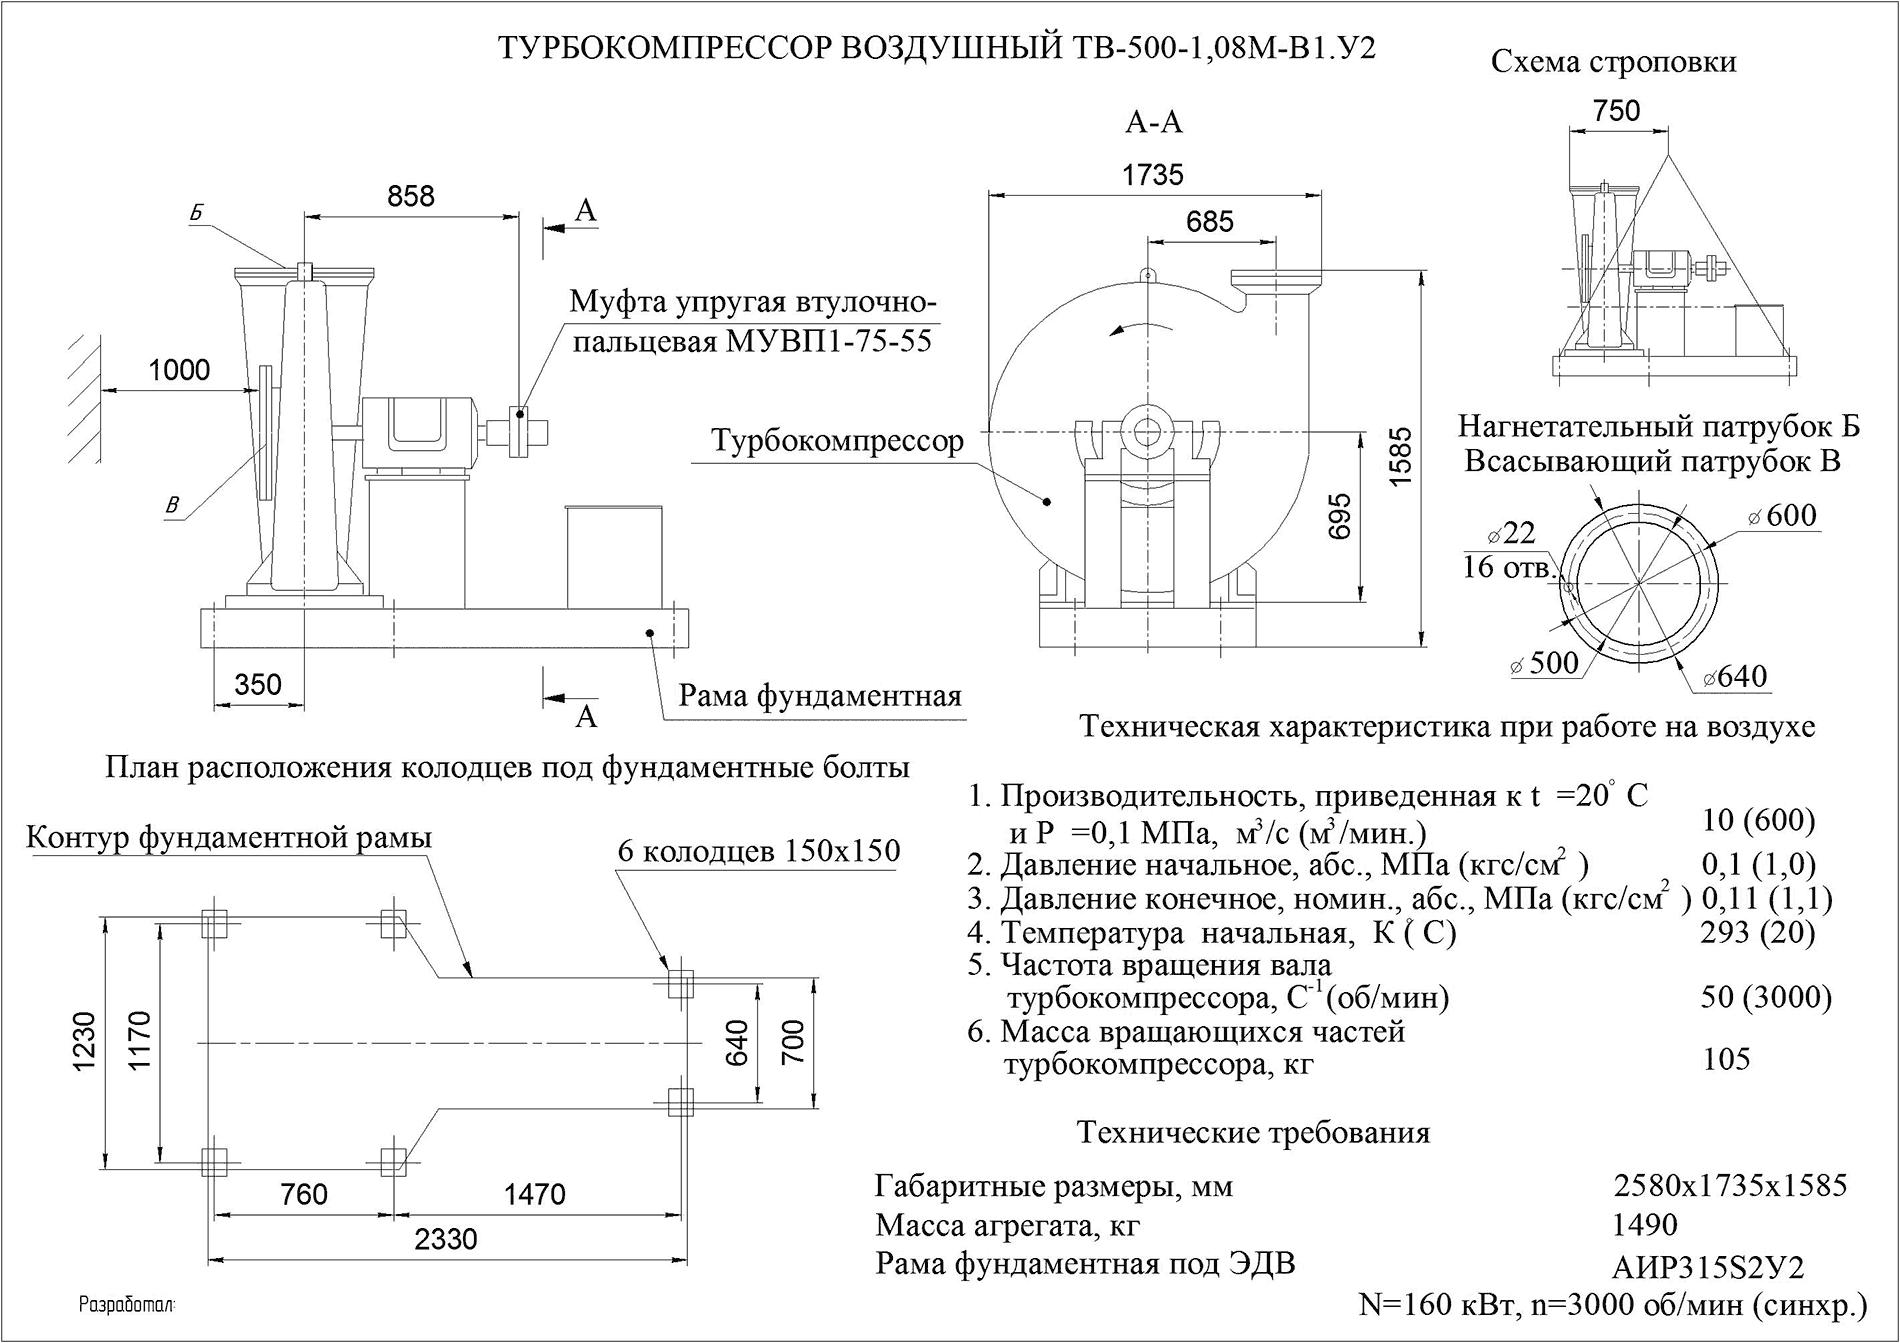 Турбокомпрессор одноступенчаты ТВ-500-1,08